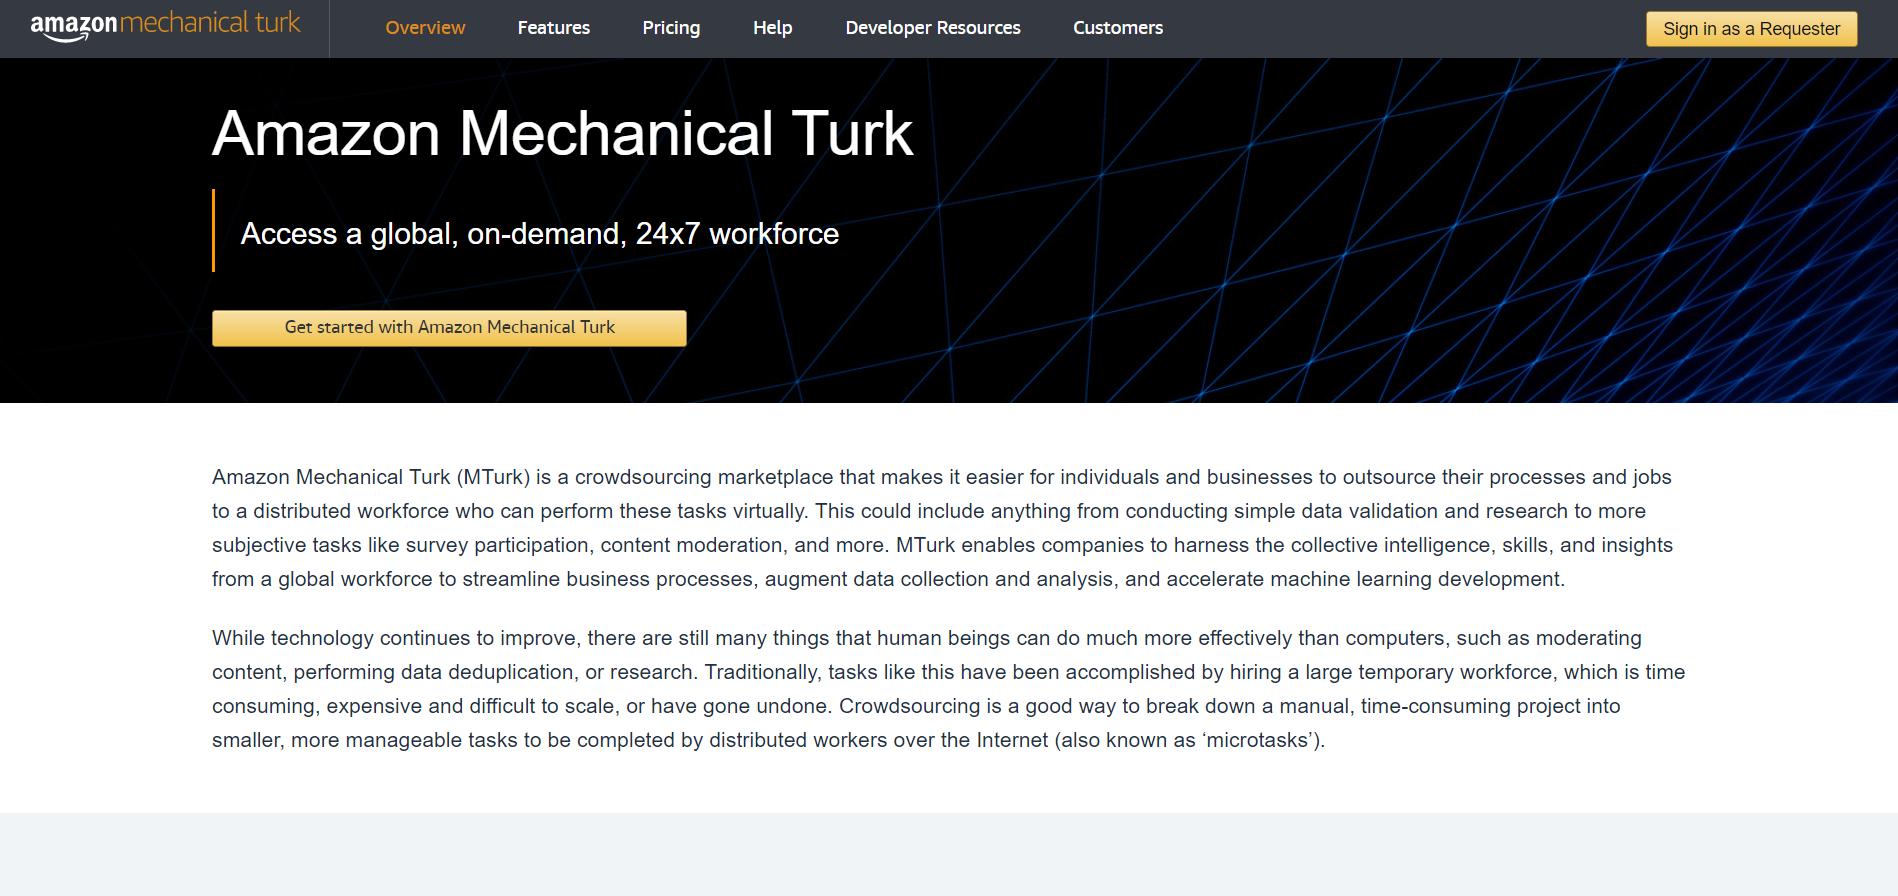 Amazon Mechanical Turk